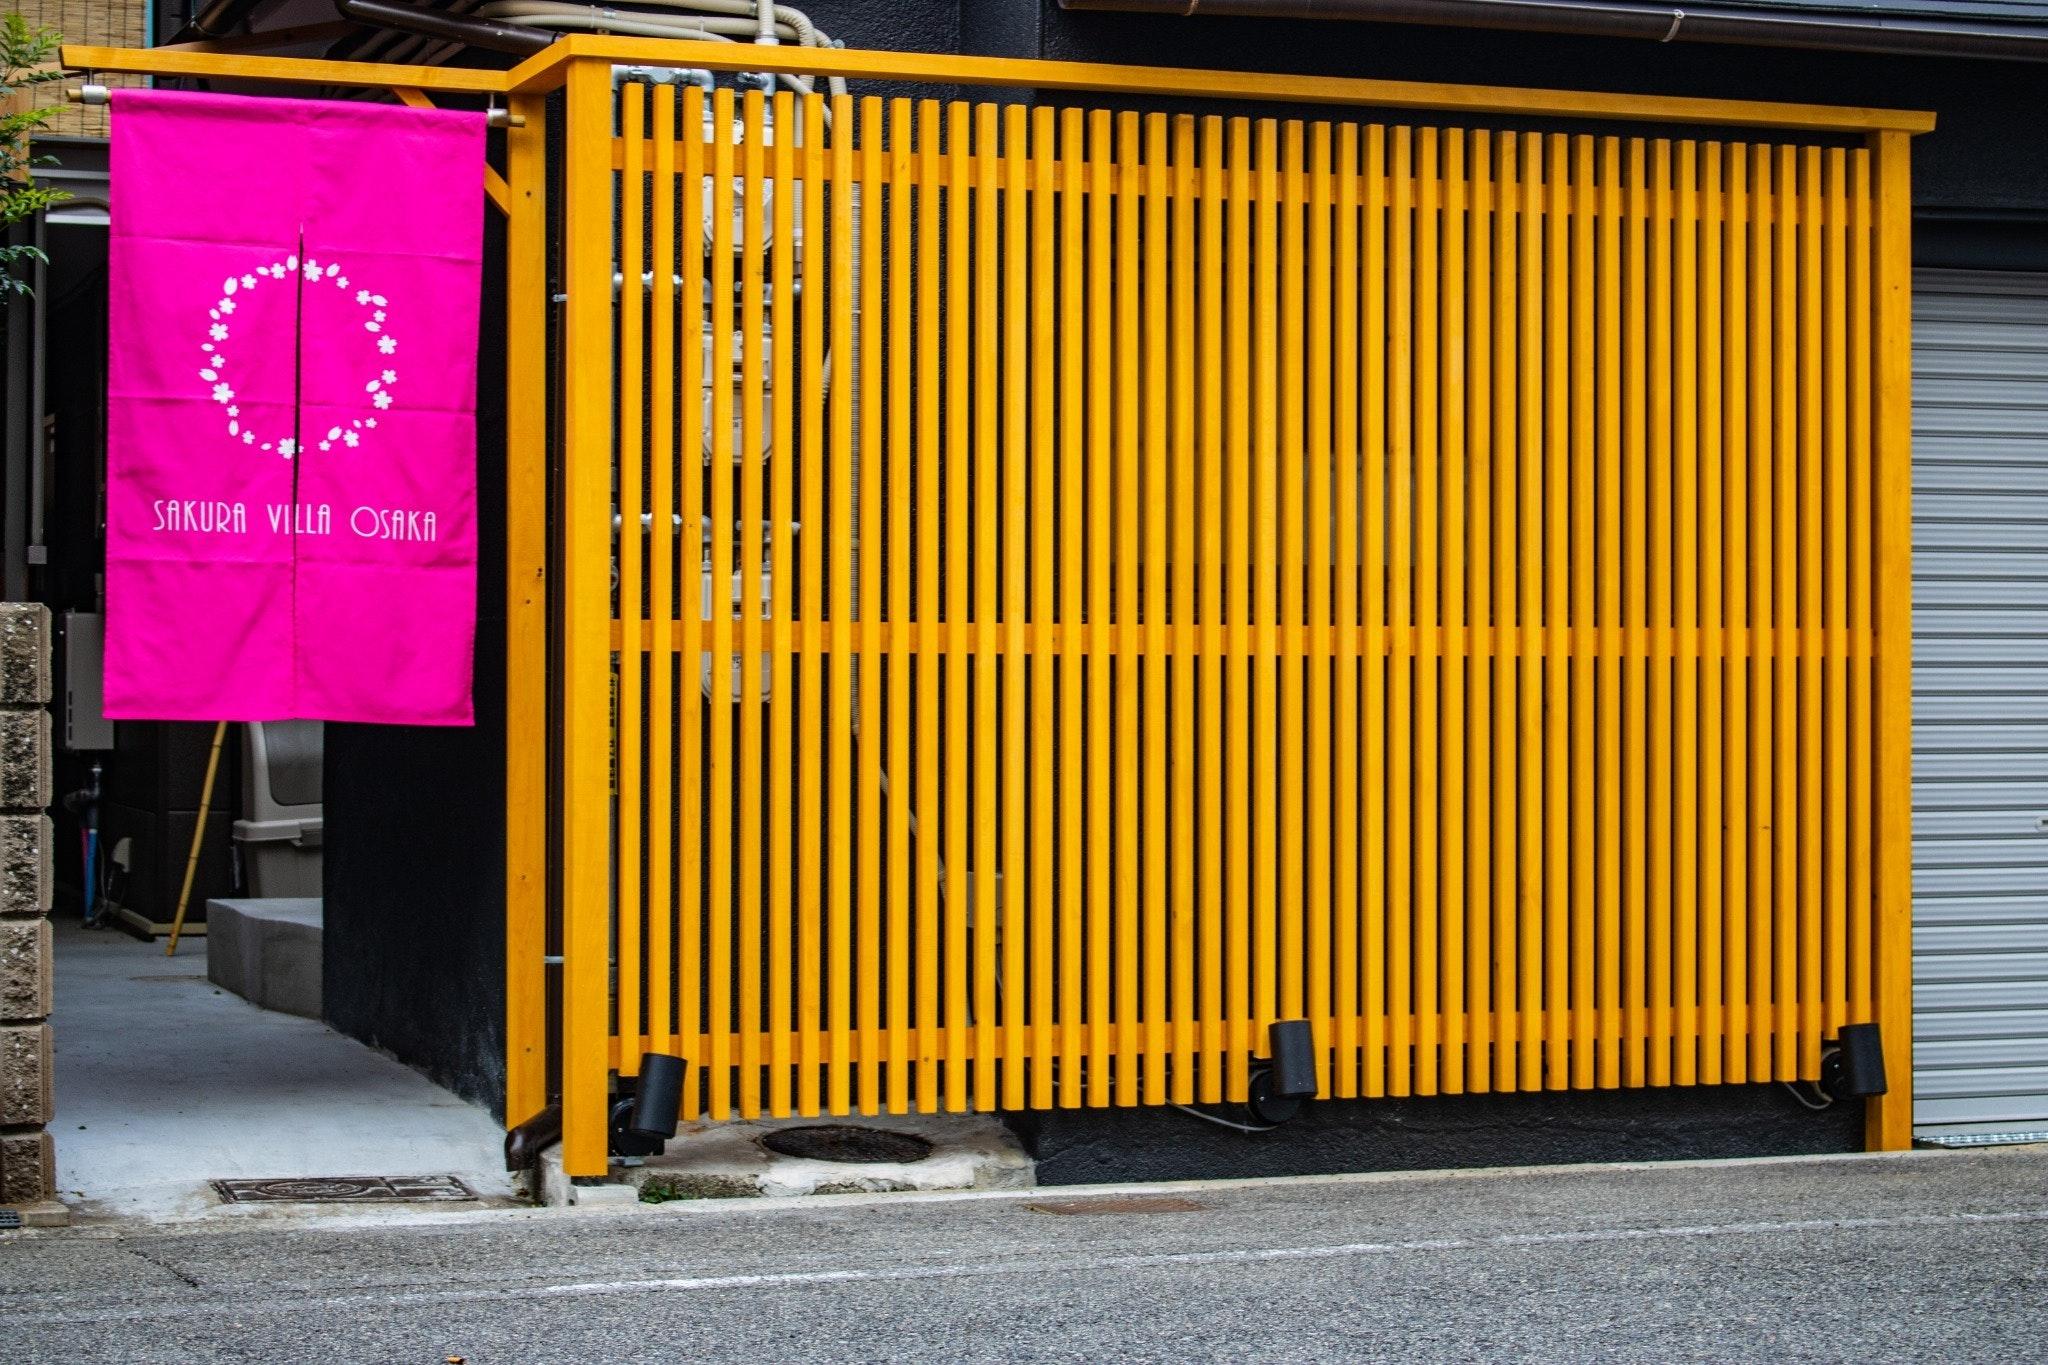 USJまで2駅 2階建ダイニング吹き抜けの開放的な大人の和洋室 in Sakura Villa